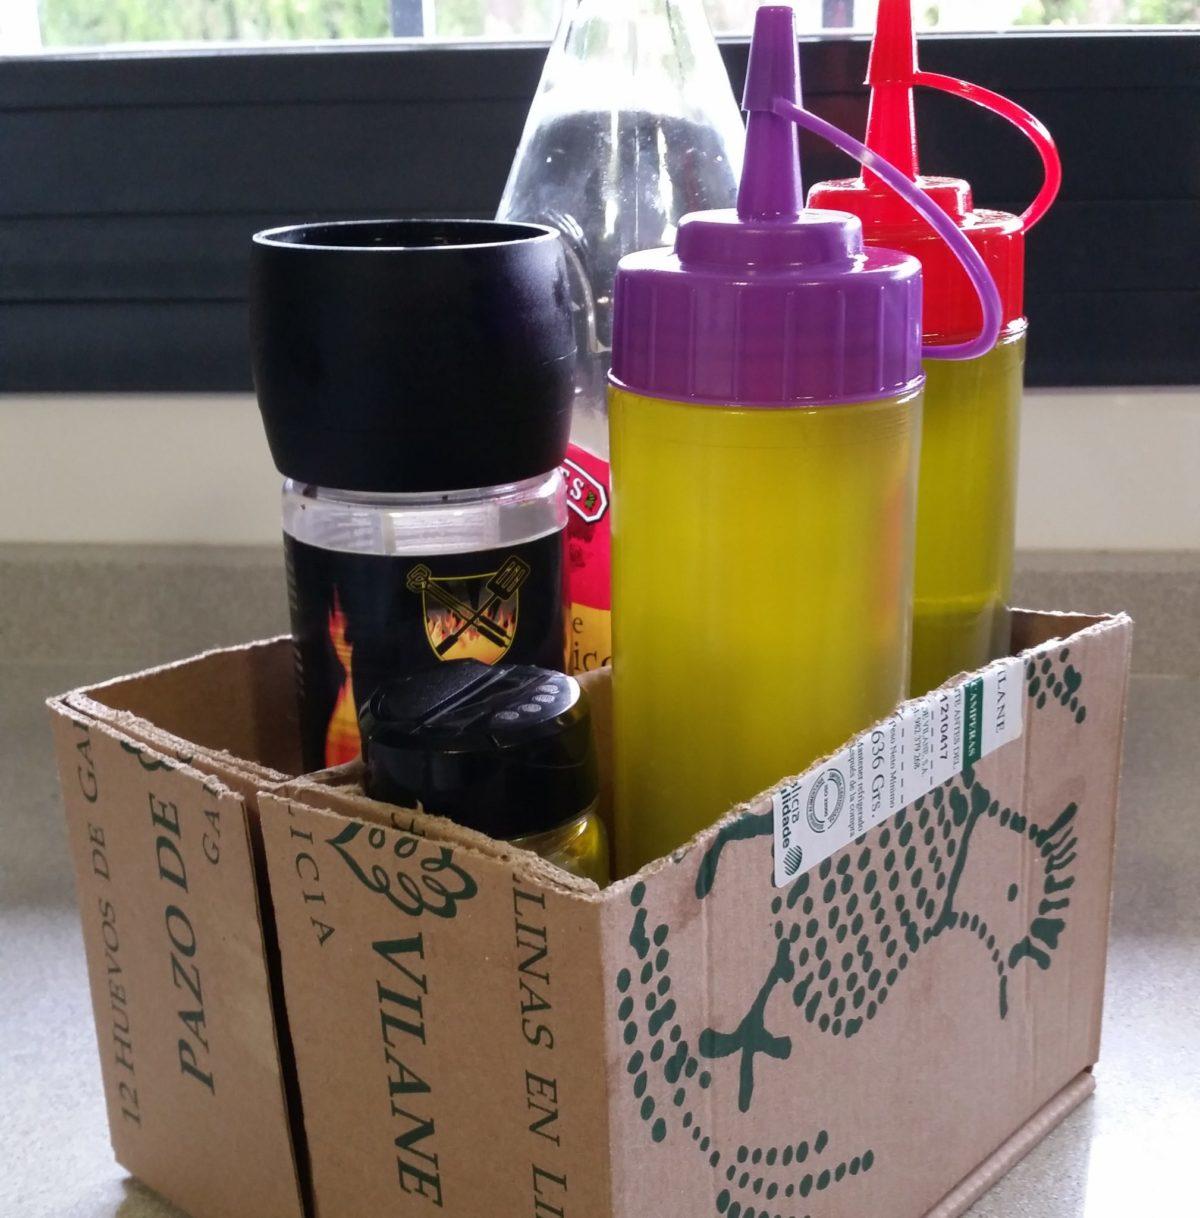 La caja de huevo campero Pazo de Vilane se convierte en un estuche para guardar aceiteras, vinagreras y otros aderezos